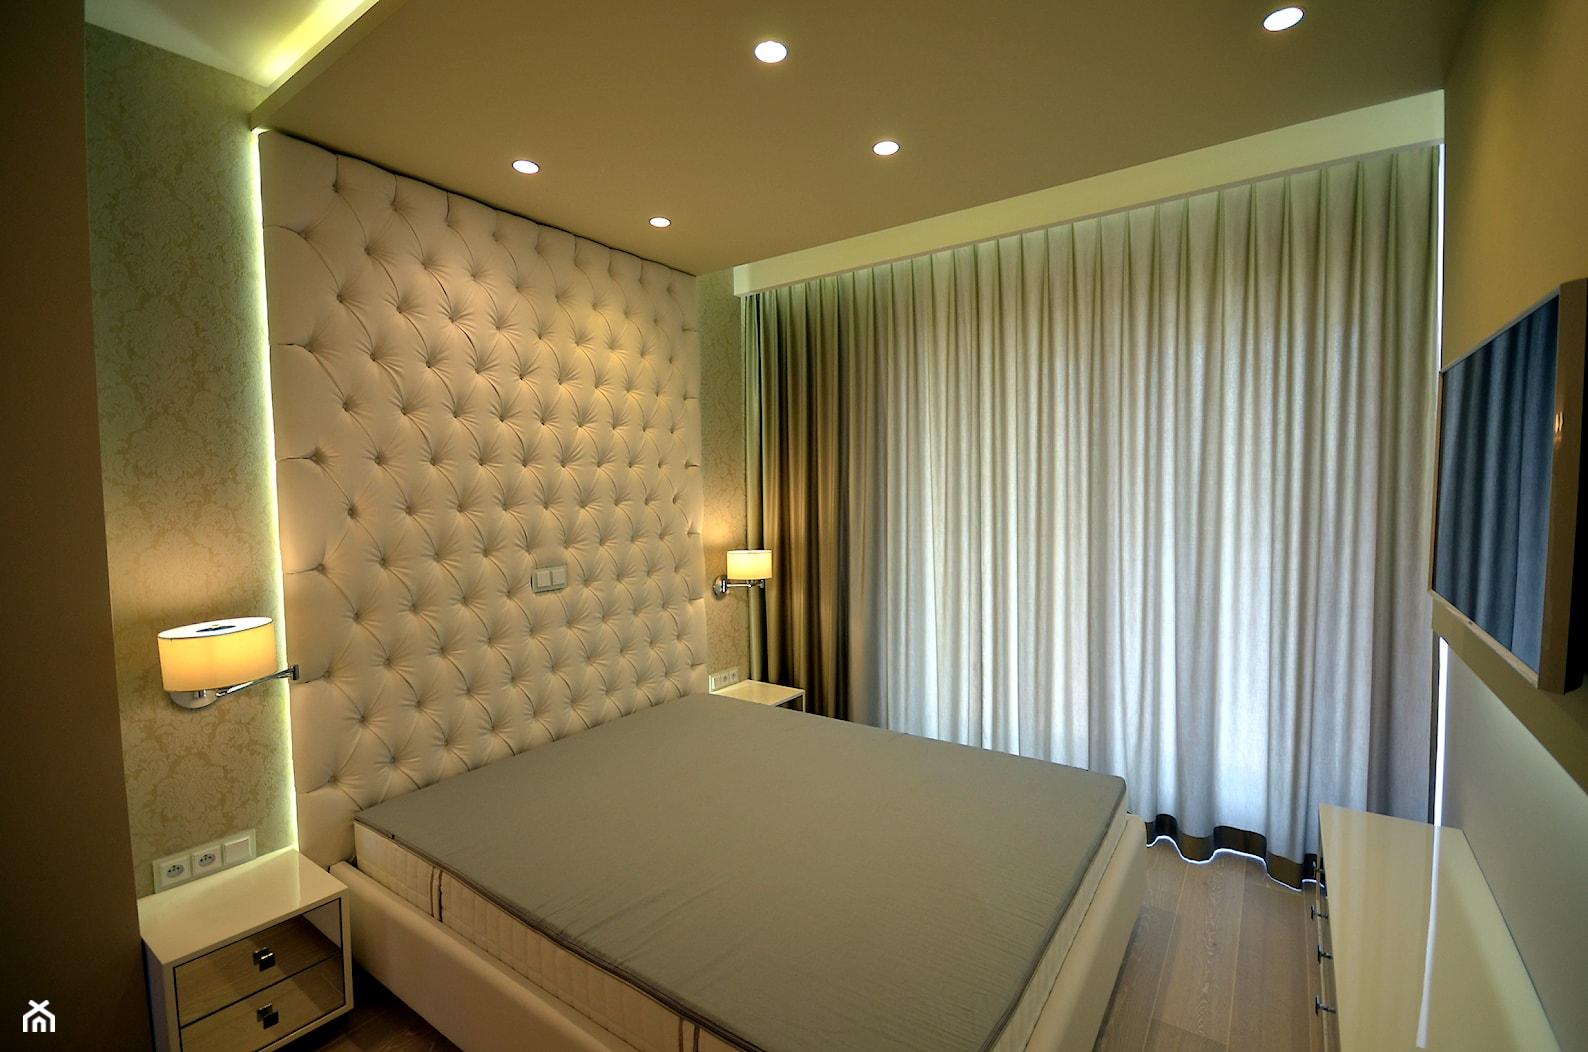 czarno- biały apartament 125m2 - Mała biała sypialnia małżeńska z balkonem / tarasem, styl nowoczesny - zdjęcie od bm2 brzostek maciej - Homebook